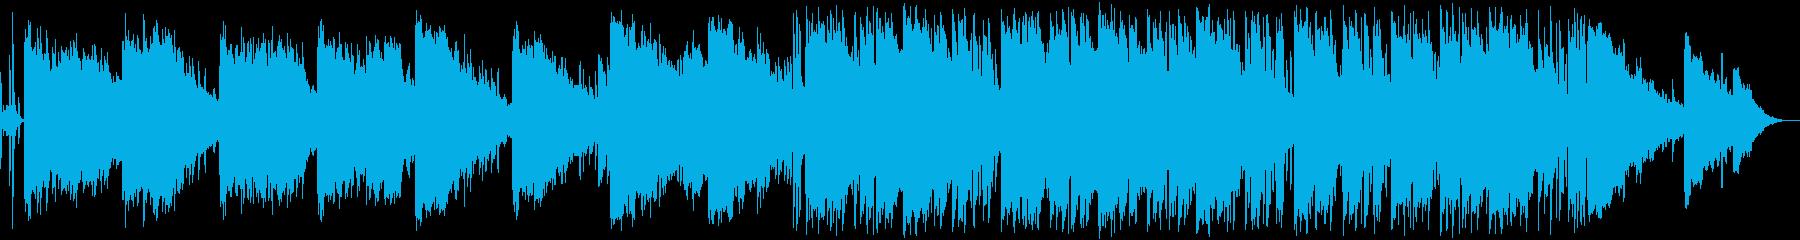 神秘的静かなエレピ・ナレ好相性・ショートの再生済みの波形